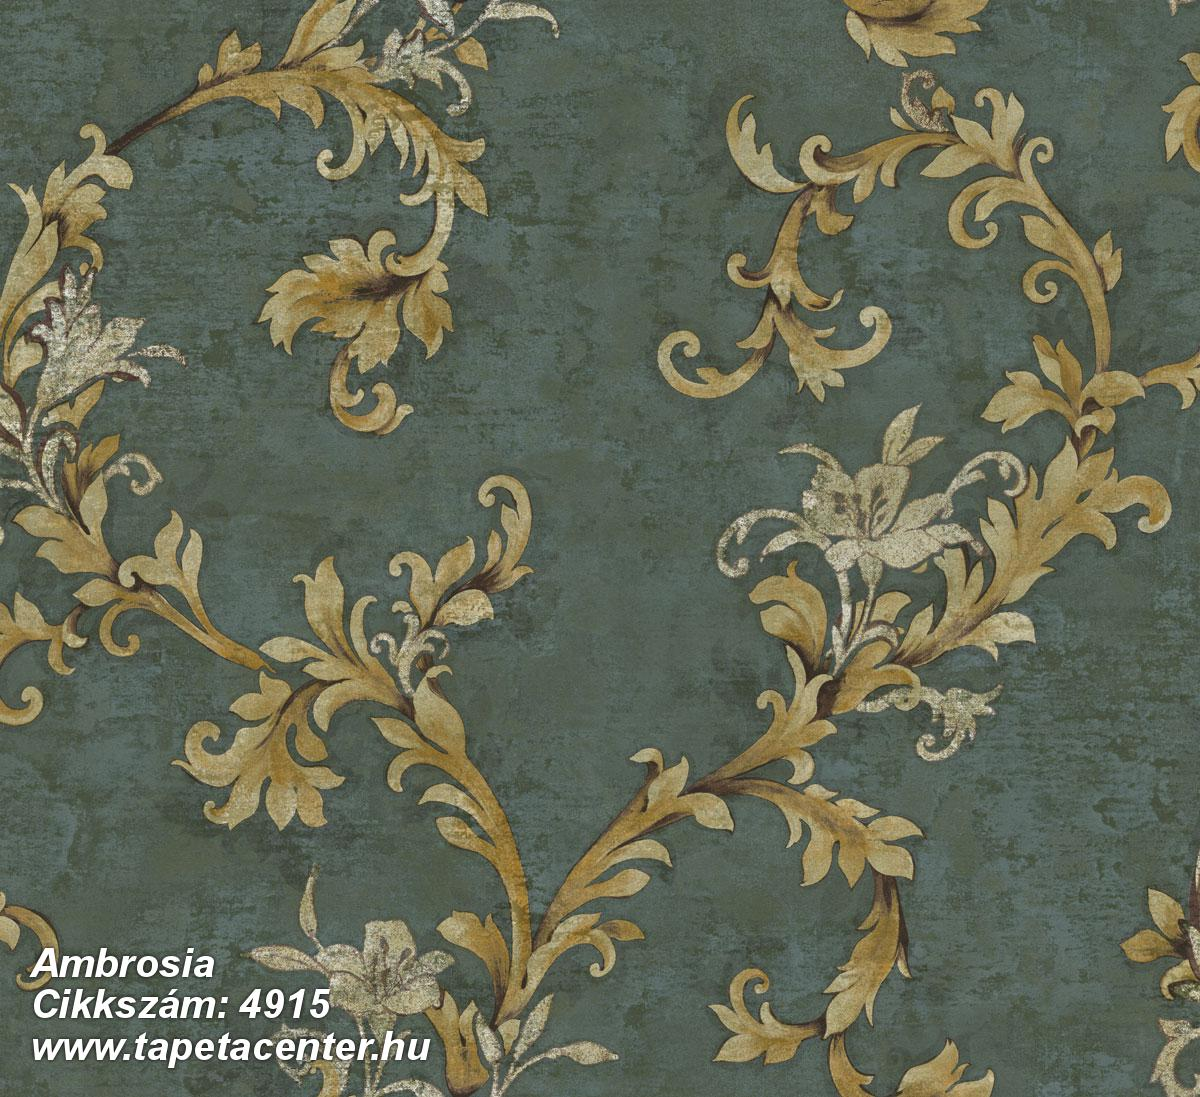 Barokk-klasszikus,természeti mintás,textil hatású,virágmintás,arany,barna,zöld,súrolható,vlies tapéta